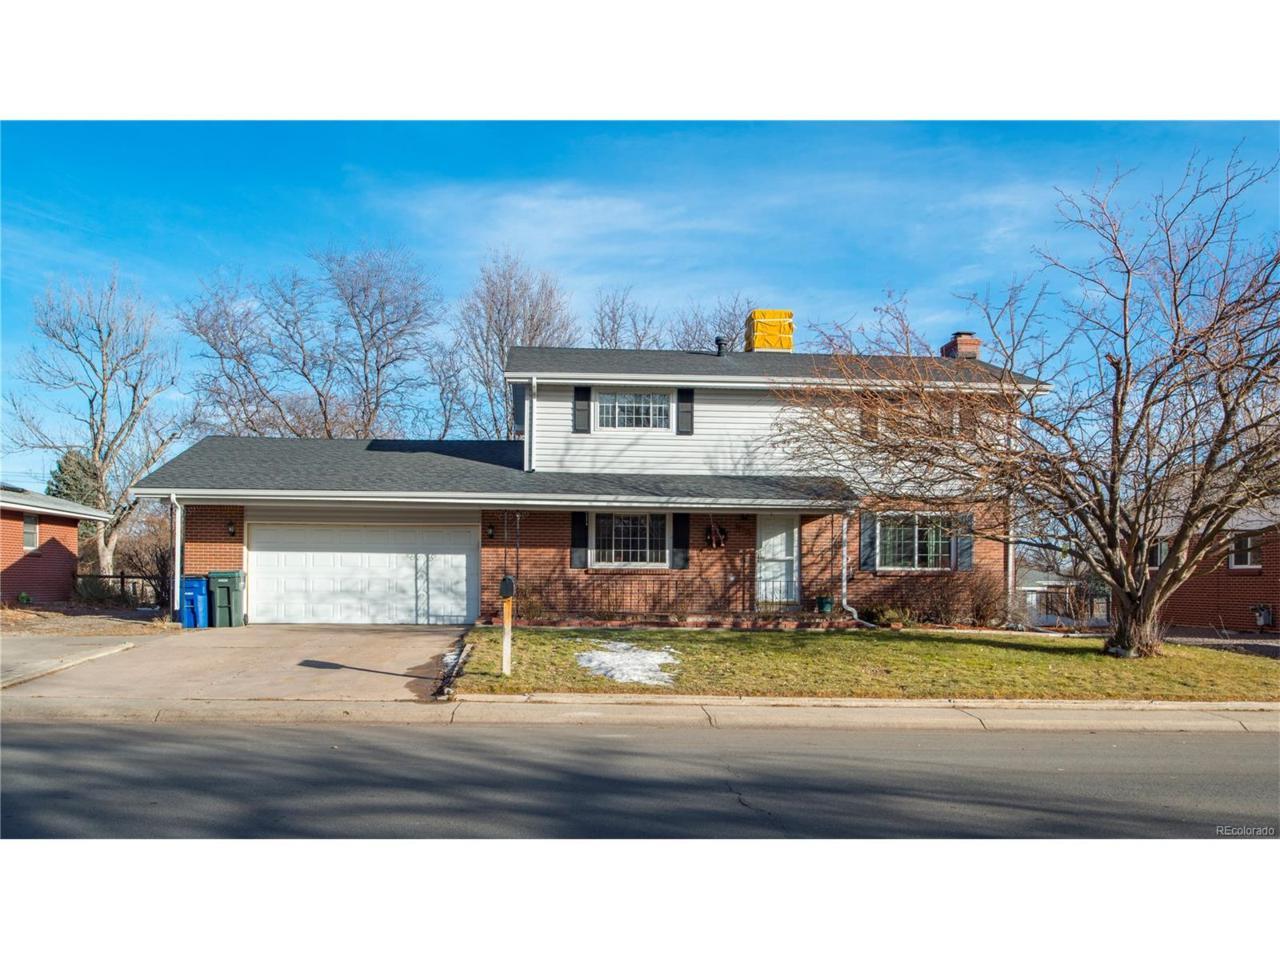 872 Oak Street, Lakewood, CO 80215 (#7651242) :: The Peak Properties Group